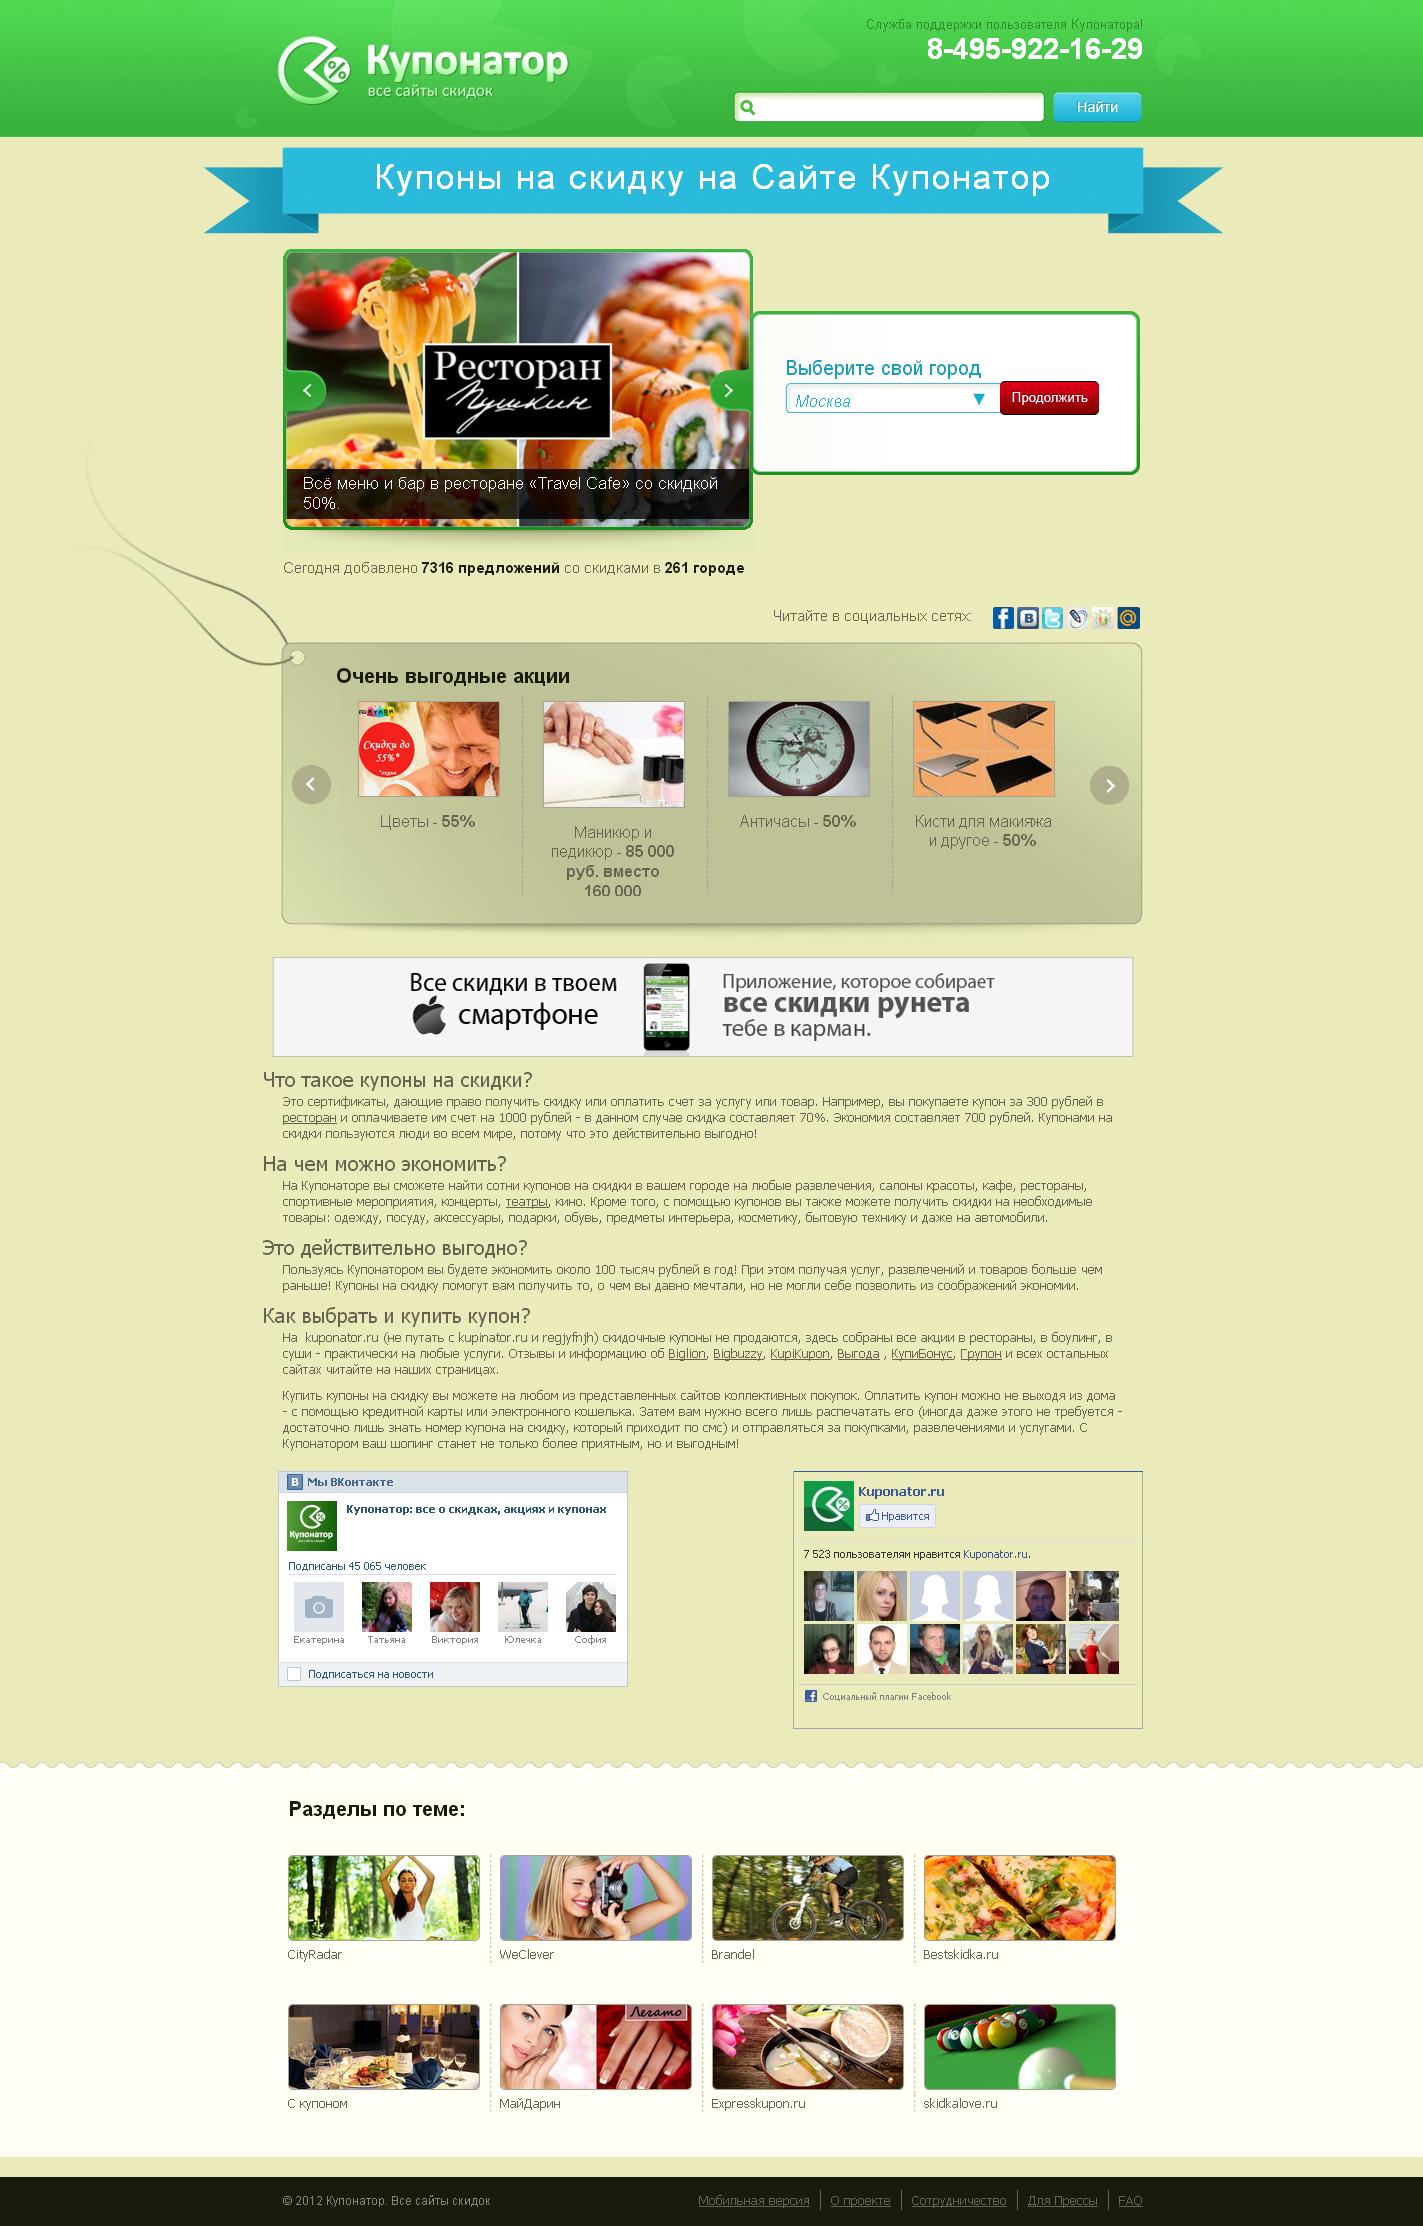 Как сделать главную страницу сайта пример vpn сервер d-link, hp